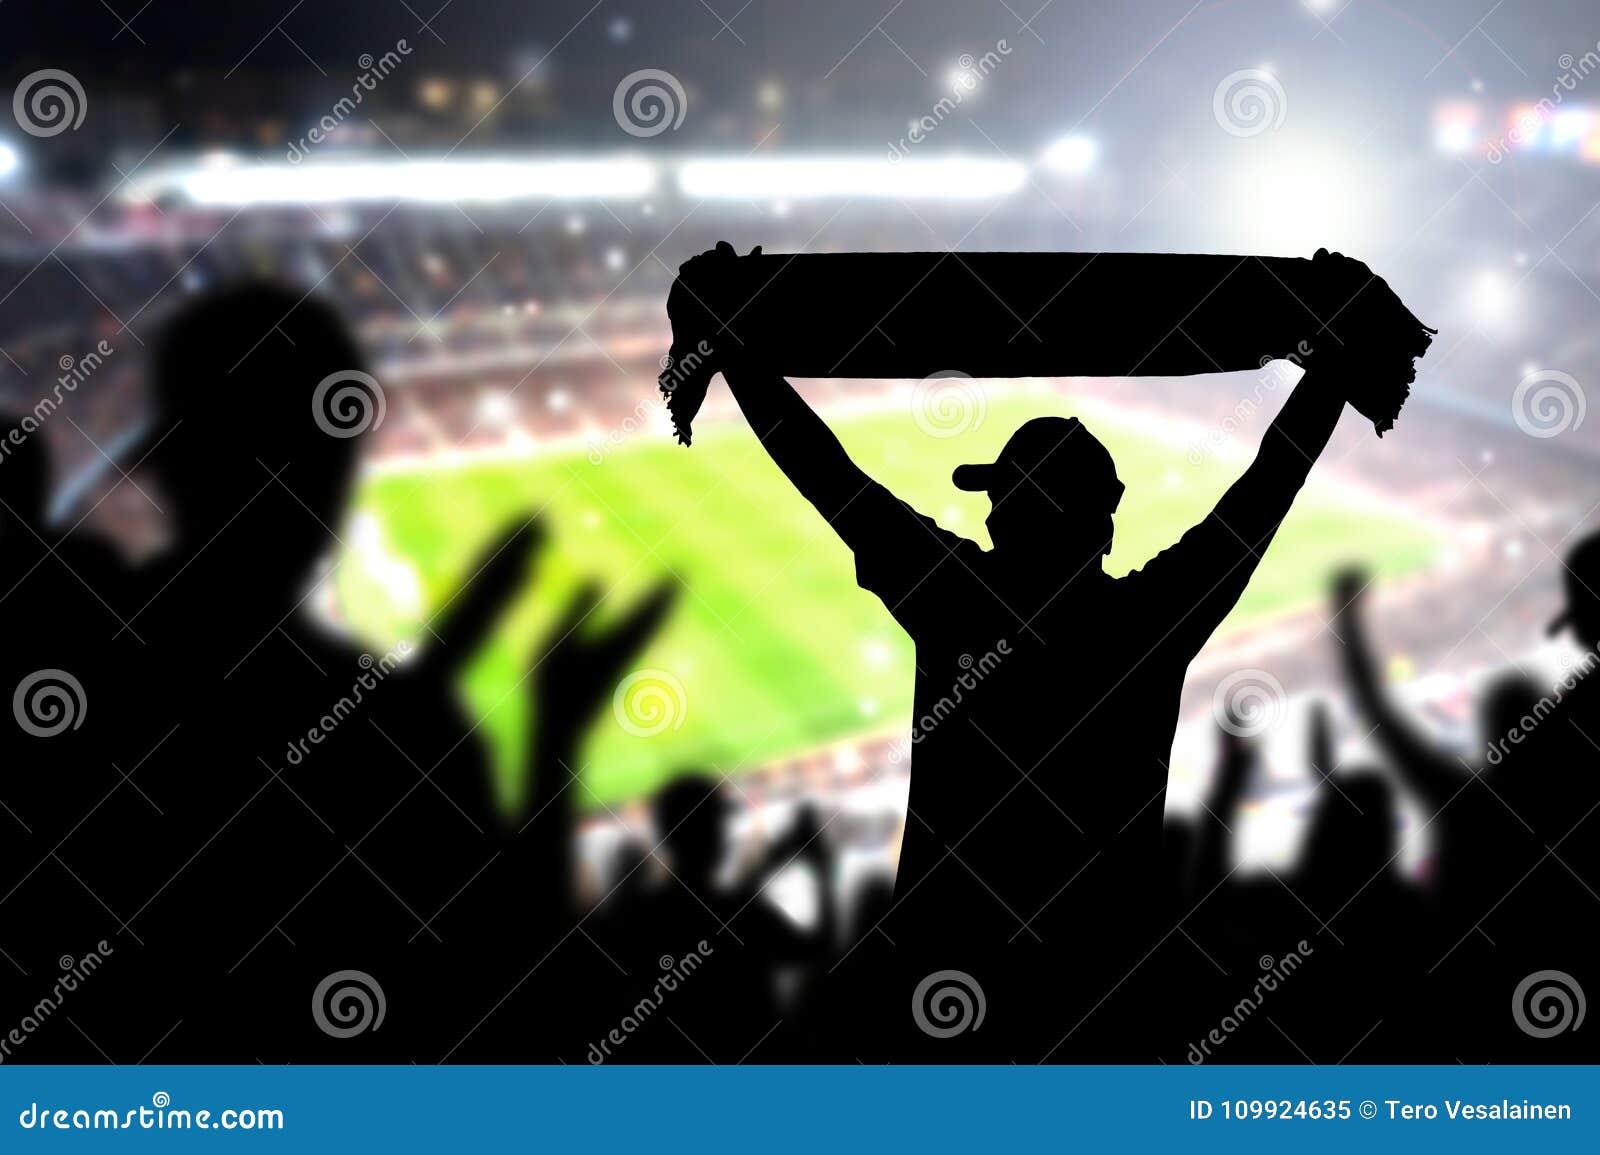 Menigte en ventilators in voetbalstadion Mensen in voetbalspel